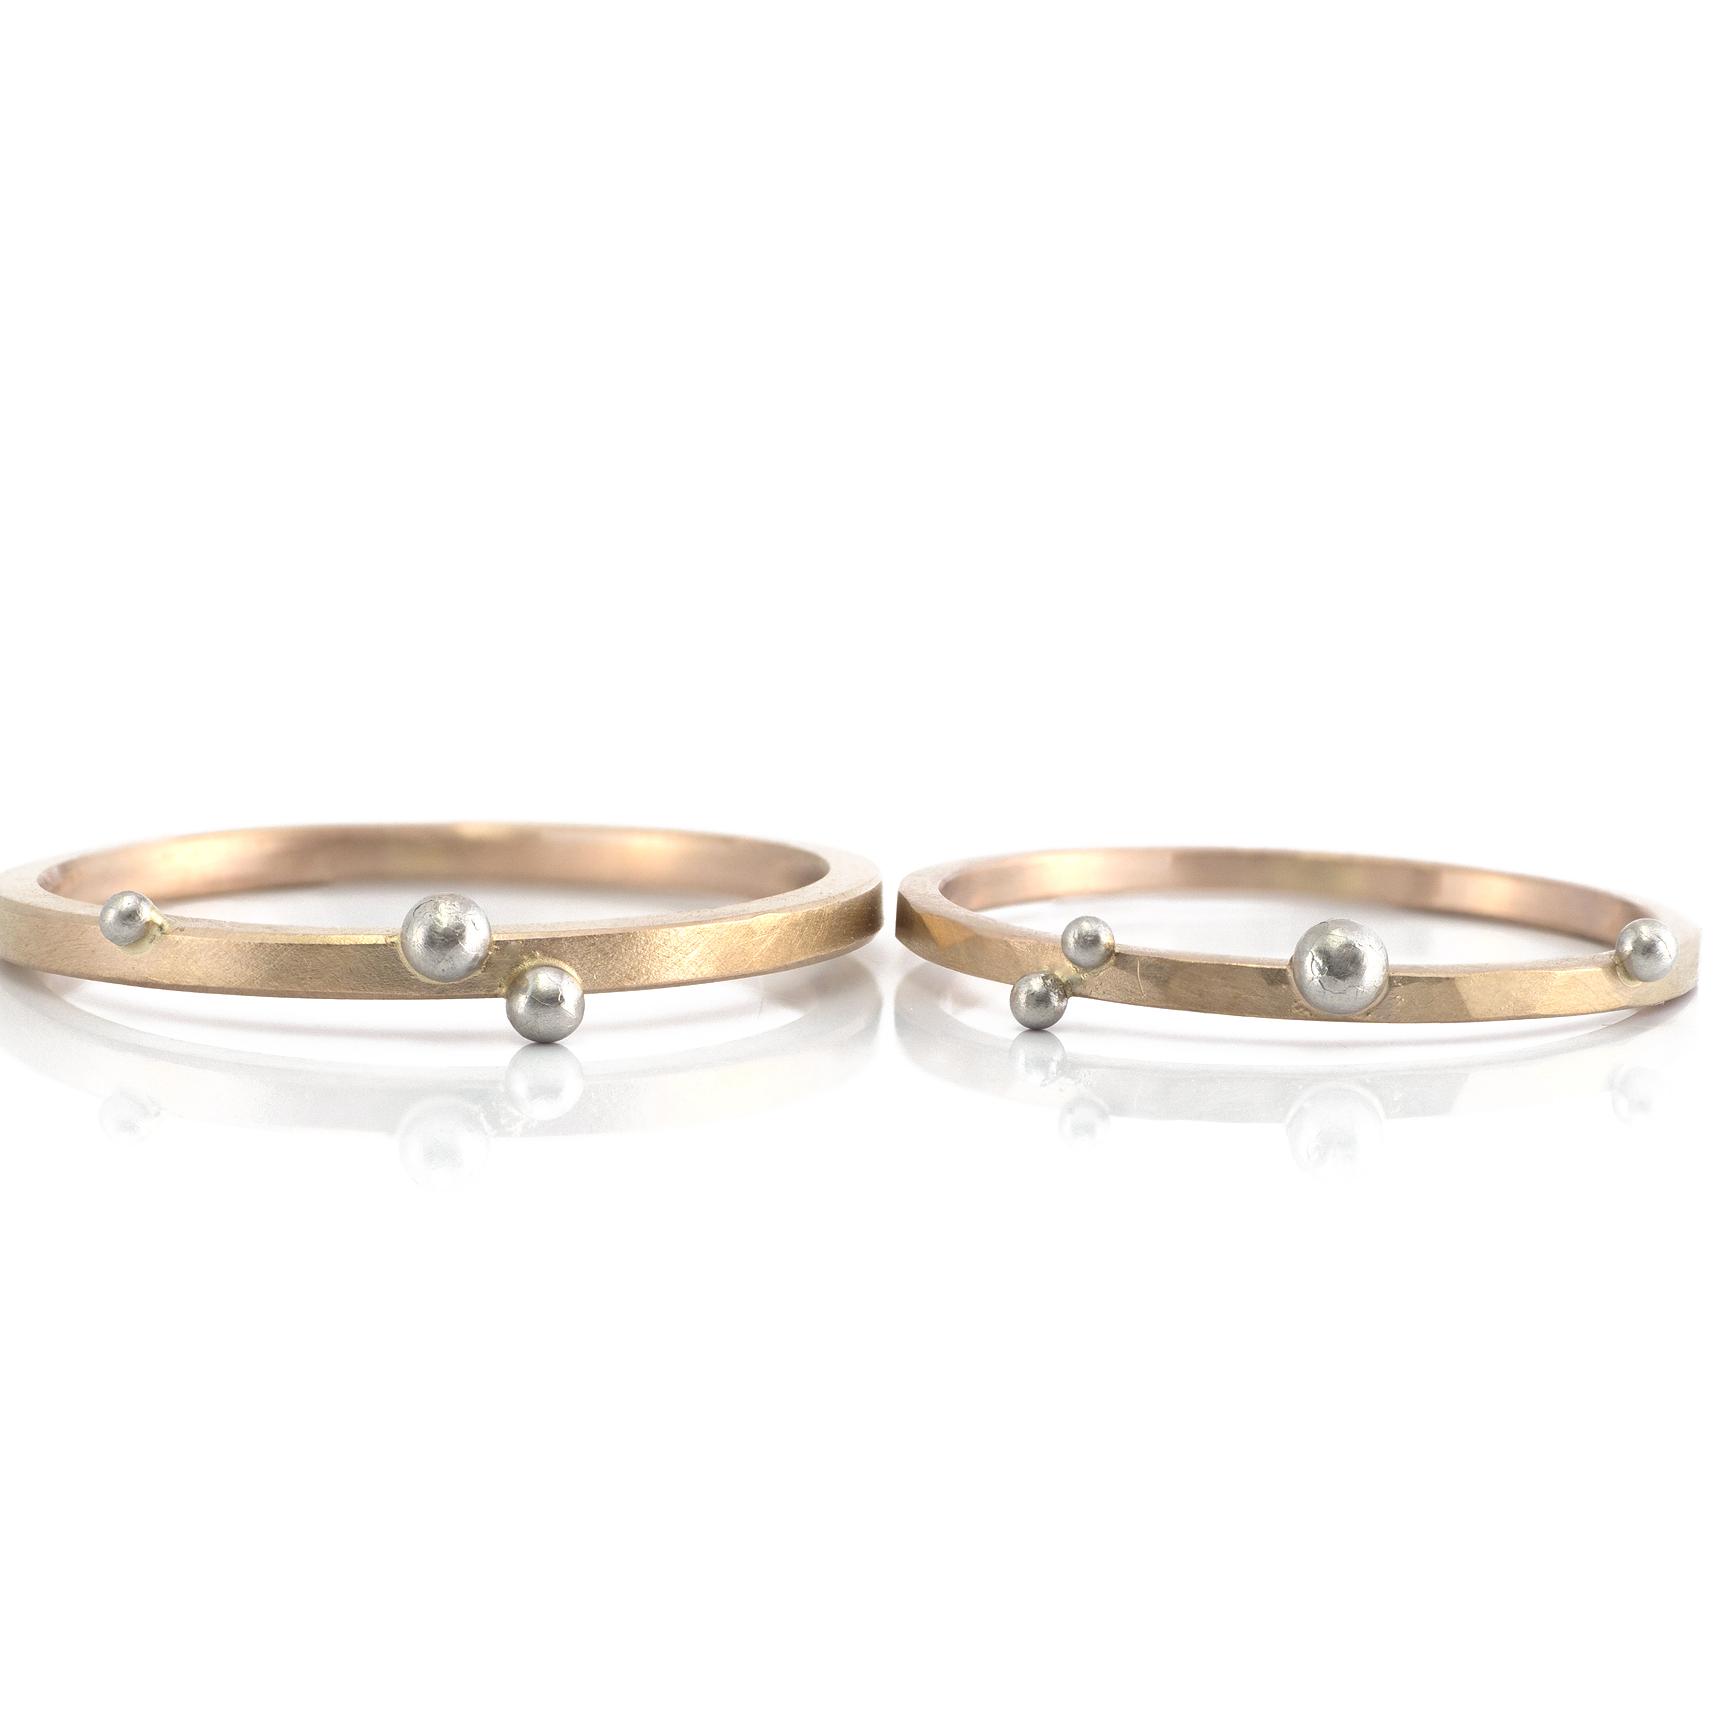 しずく結婚指輪 2本並んで ゴールド、プラチナ 屋久島でつくる結婚指輪